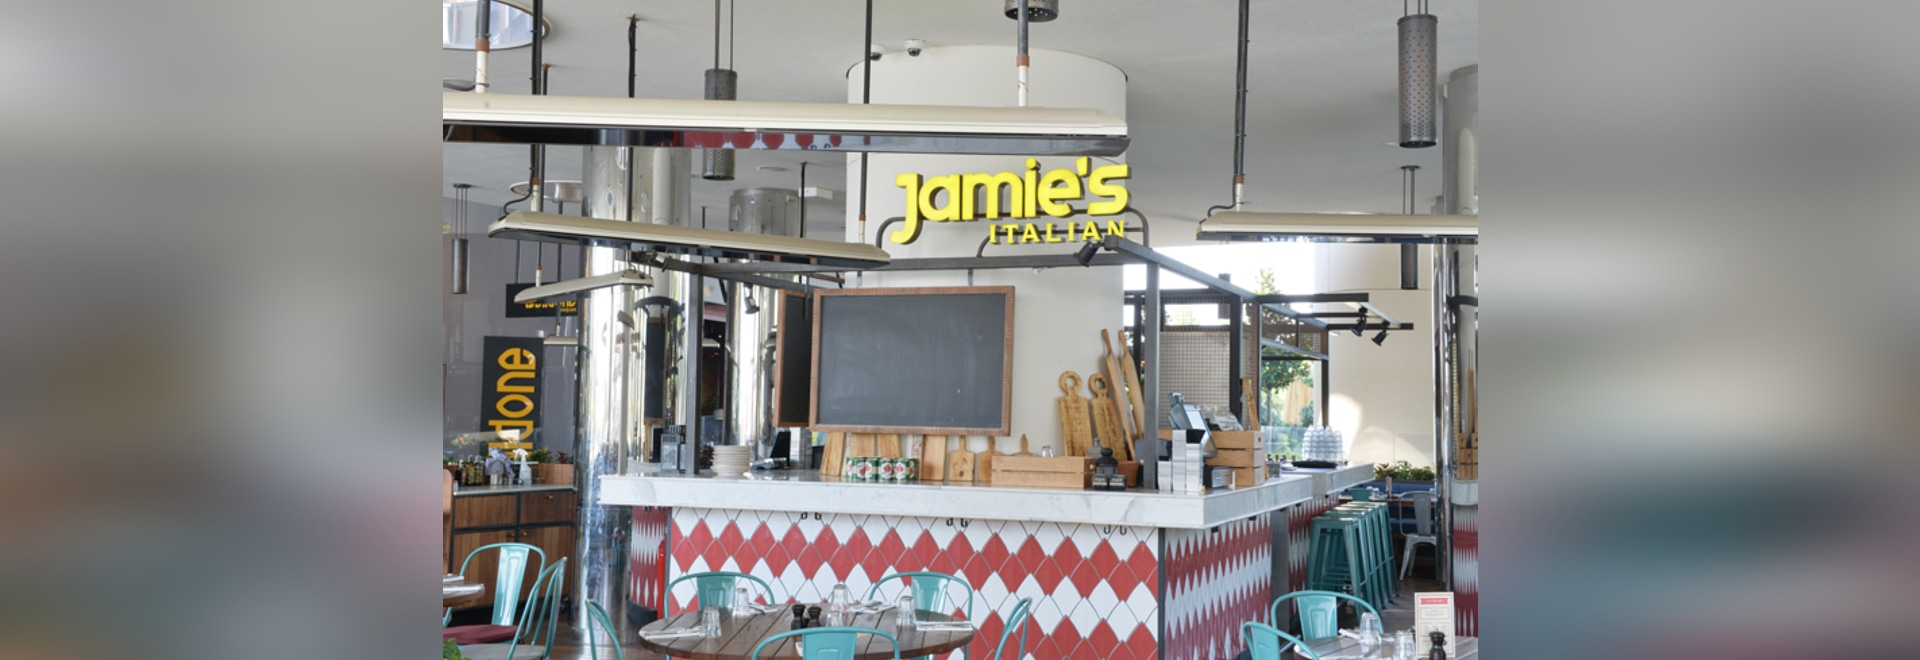 HEATSCOPE Installation at Jamie's Italian Restaurant, Zorlu Center, Istanbul, Turkey